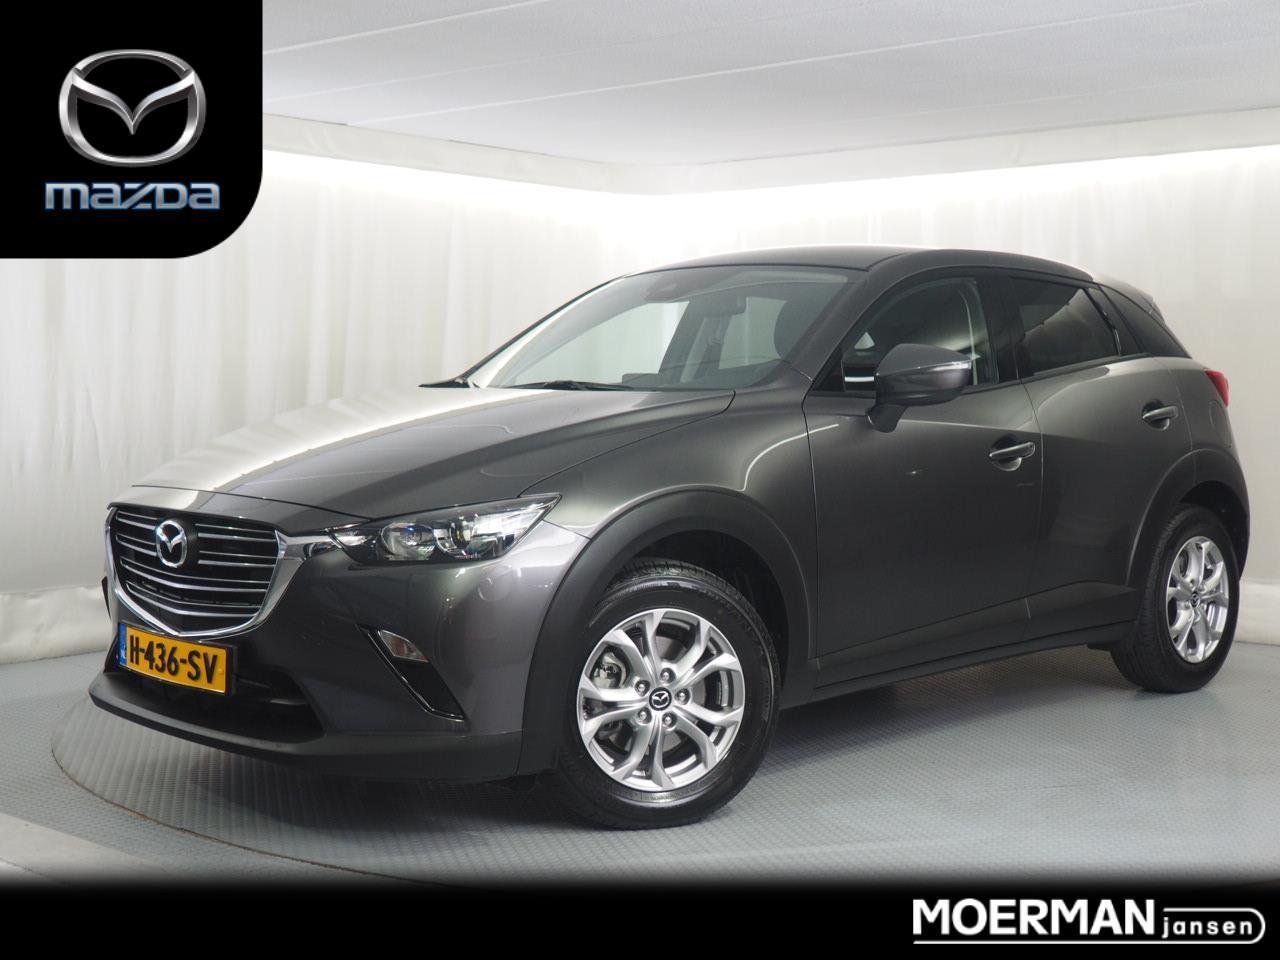 Mazda Cx-3 2.0 dynamic automaat / navigatie / parkeersensoren / 13.000km